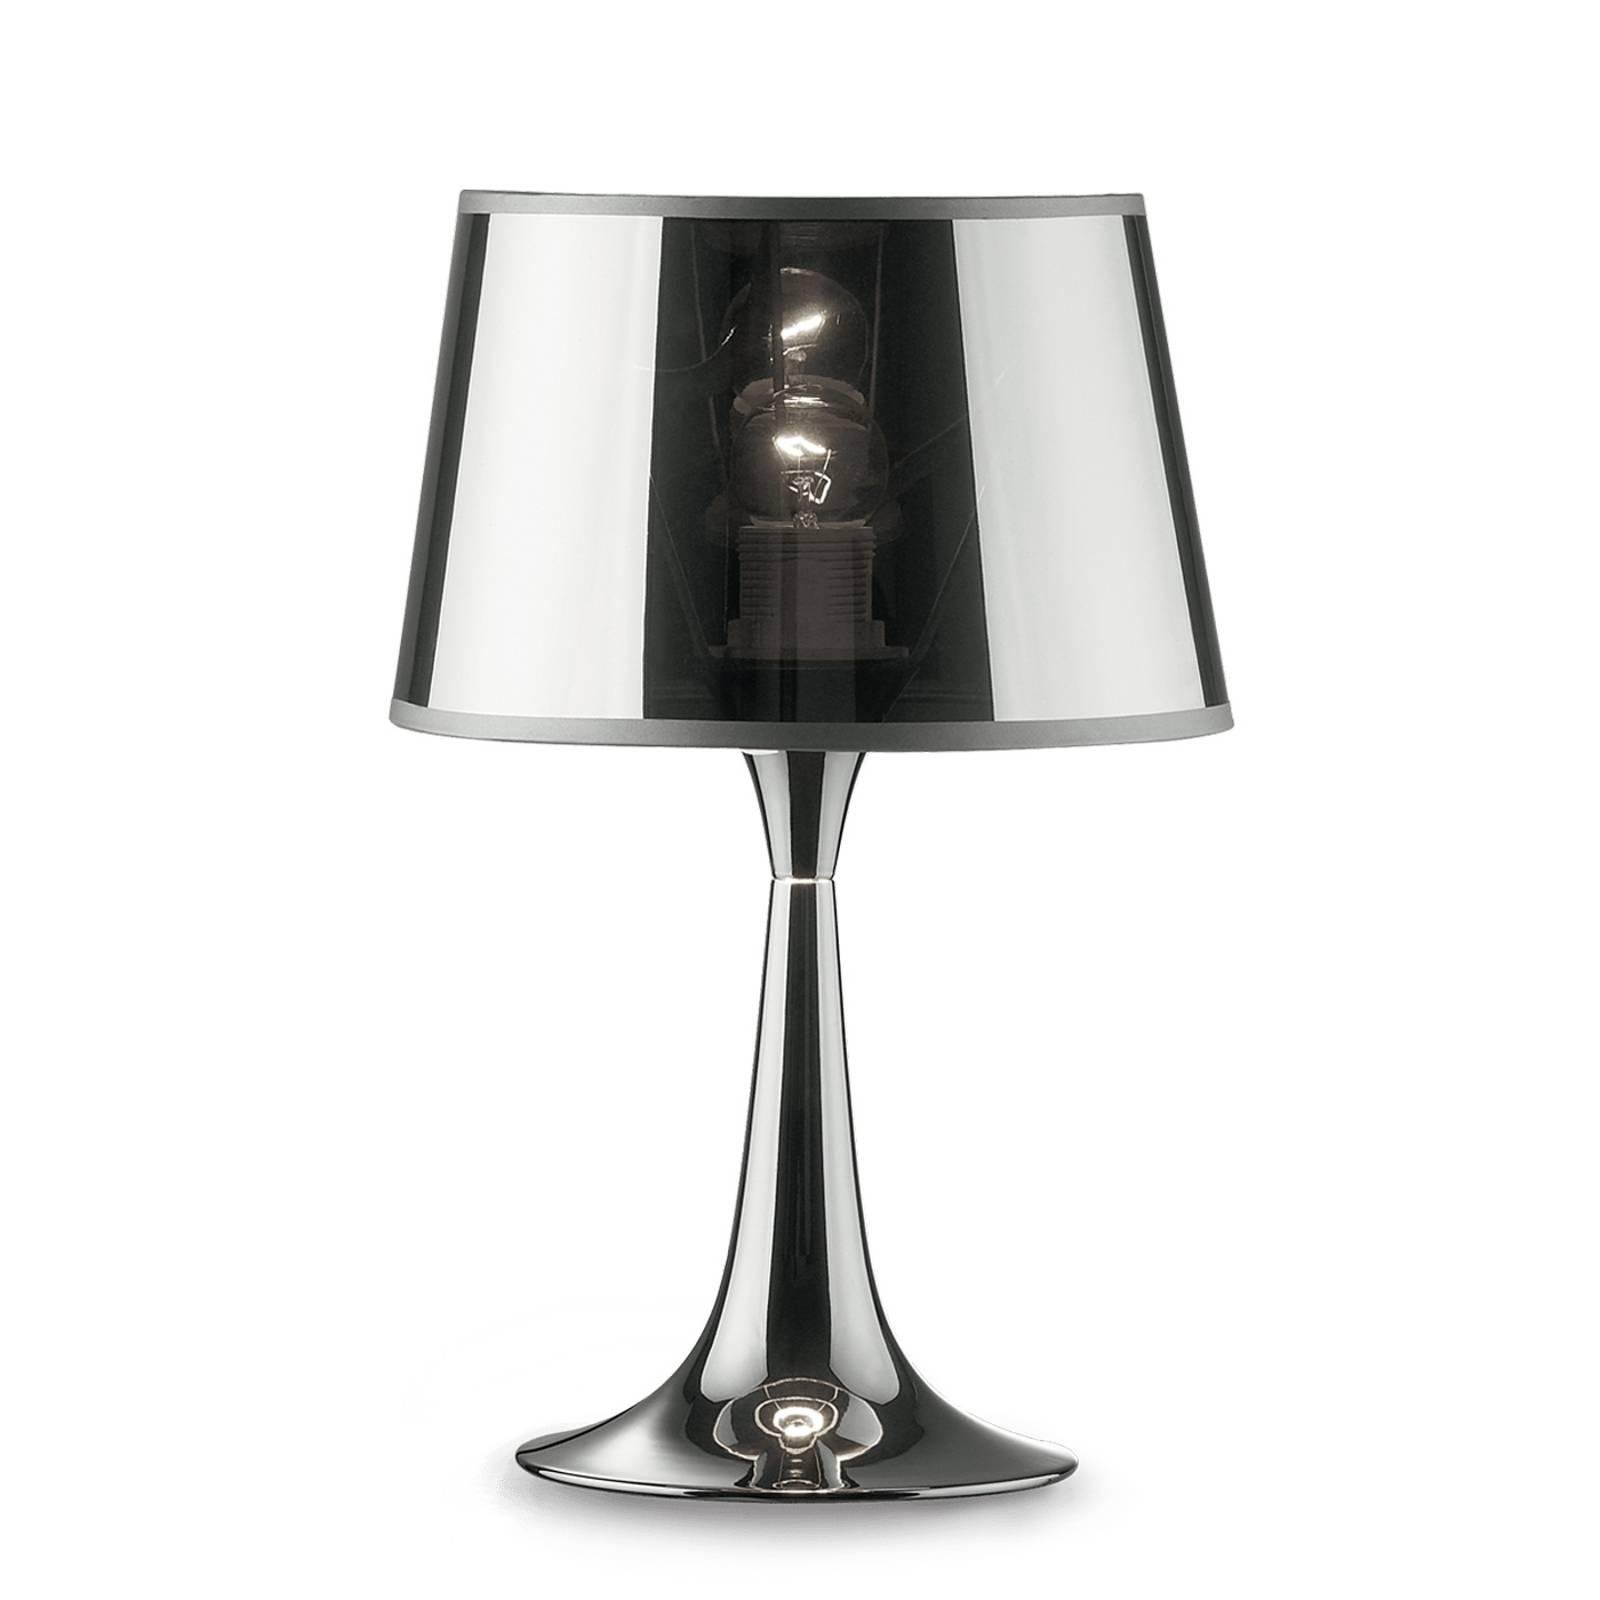 Lampe à poser London Cromo hauteur 36,5 cm